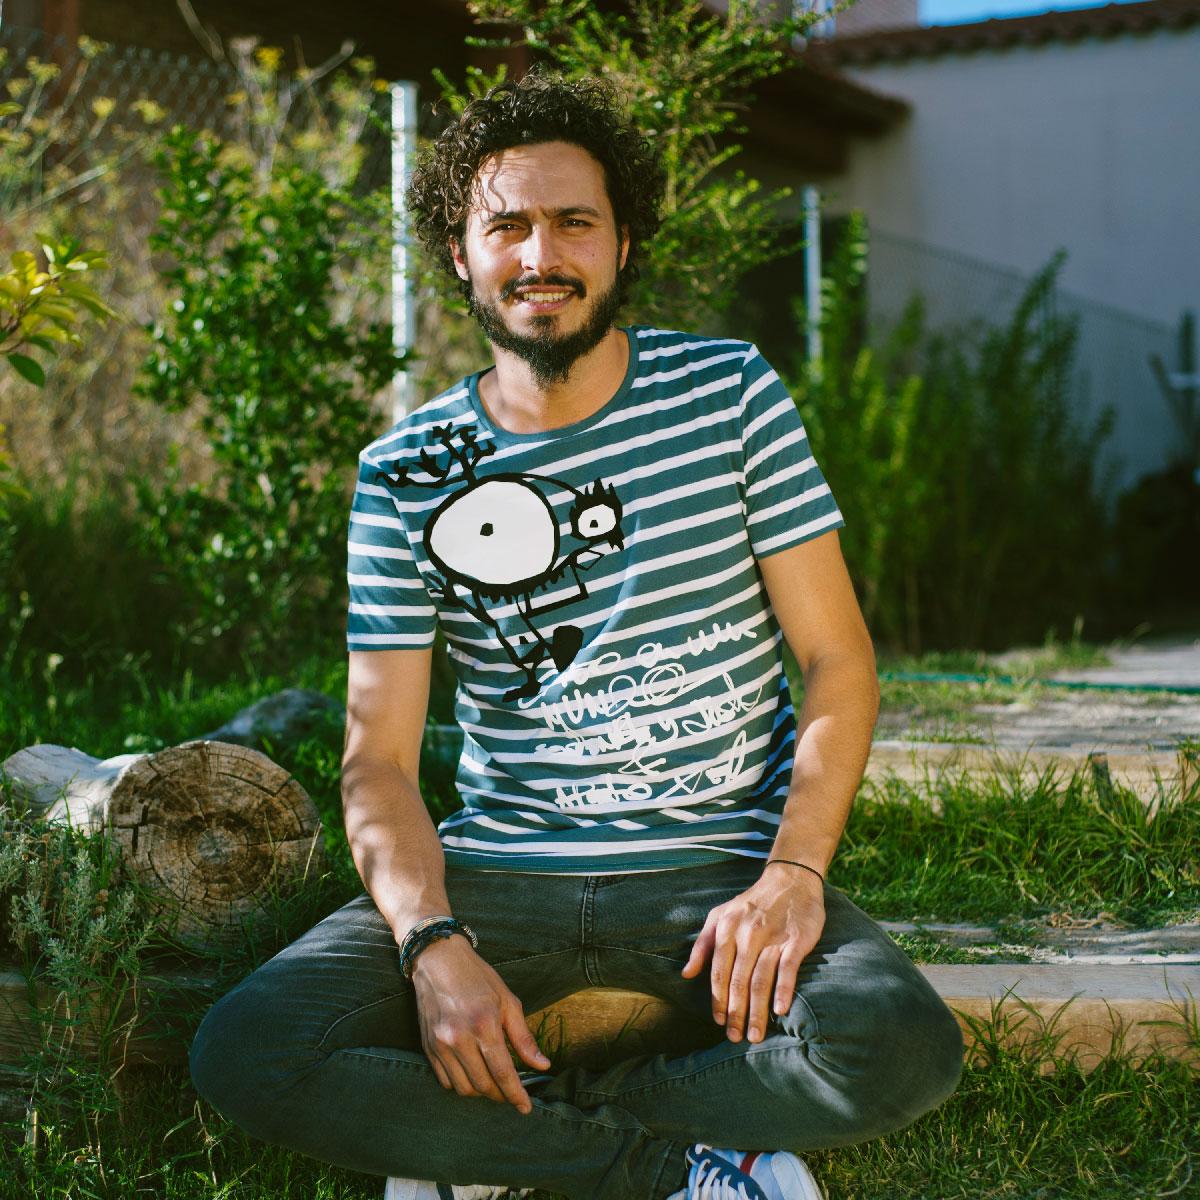 Nuevas camisetas de rayas en algodón ecológico bichobichejo